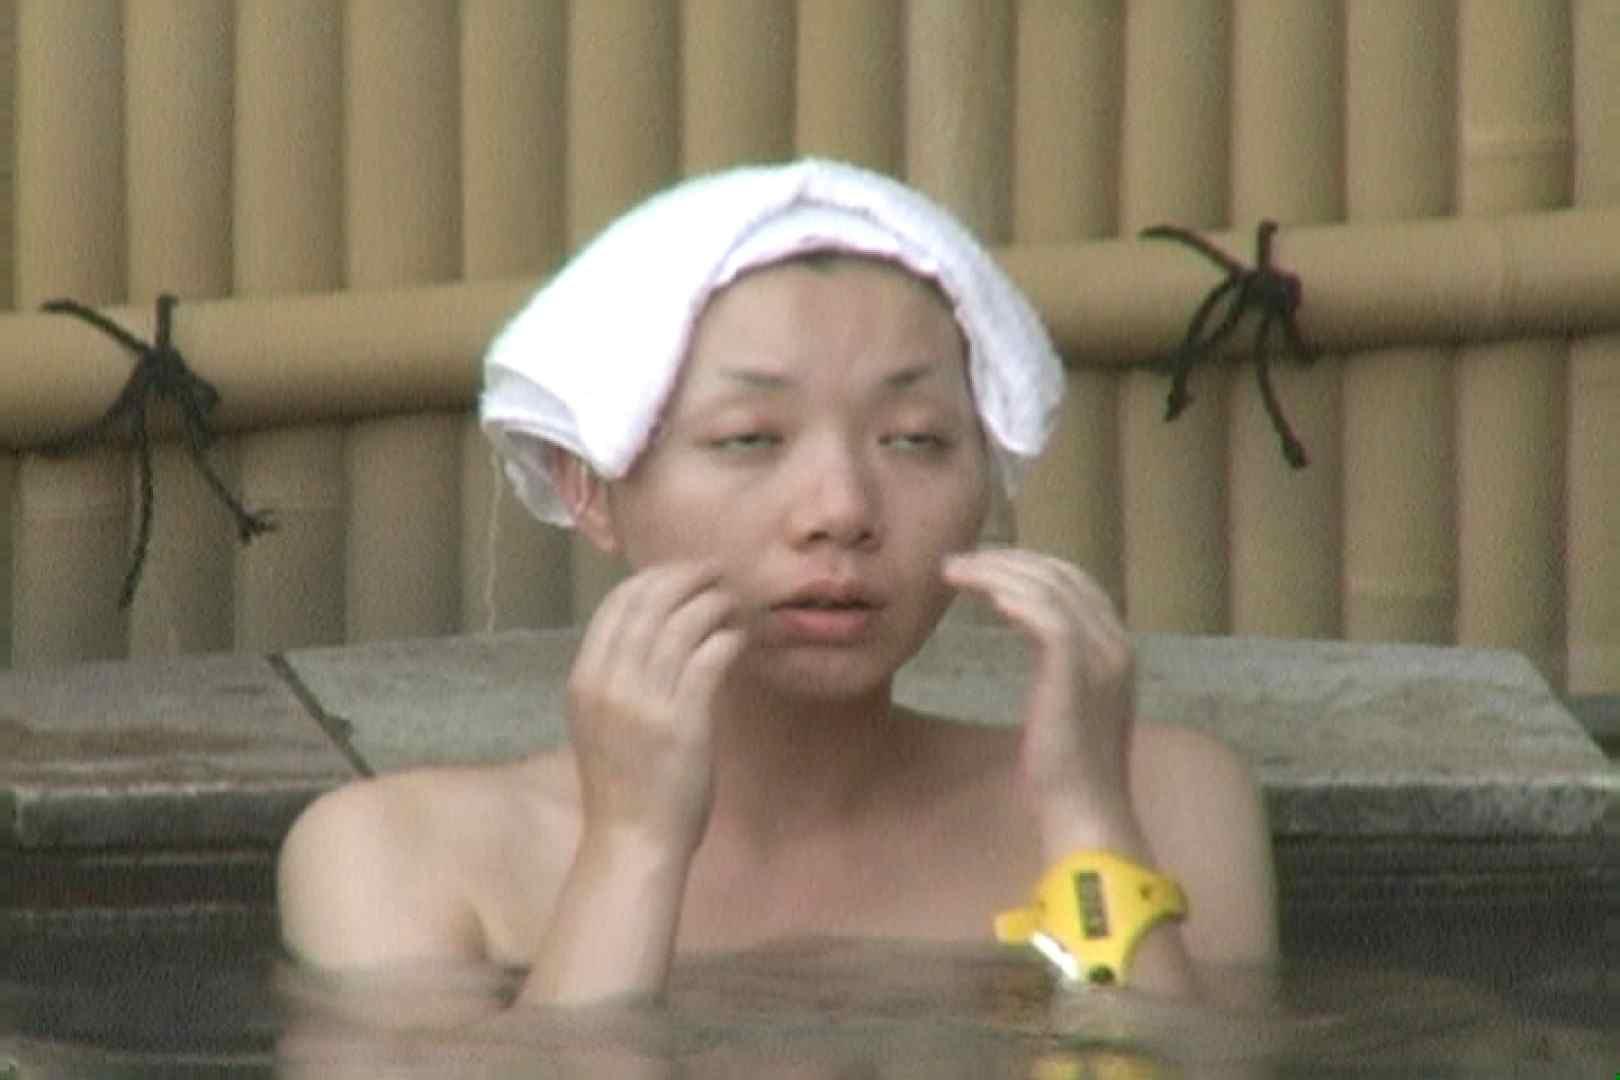 Aquaな露天風呂Vol.630 OLエロ画像  110PICs 81